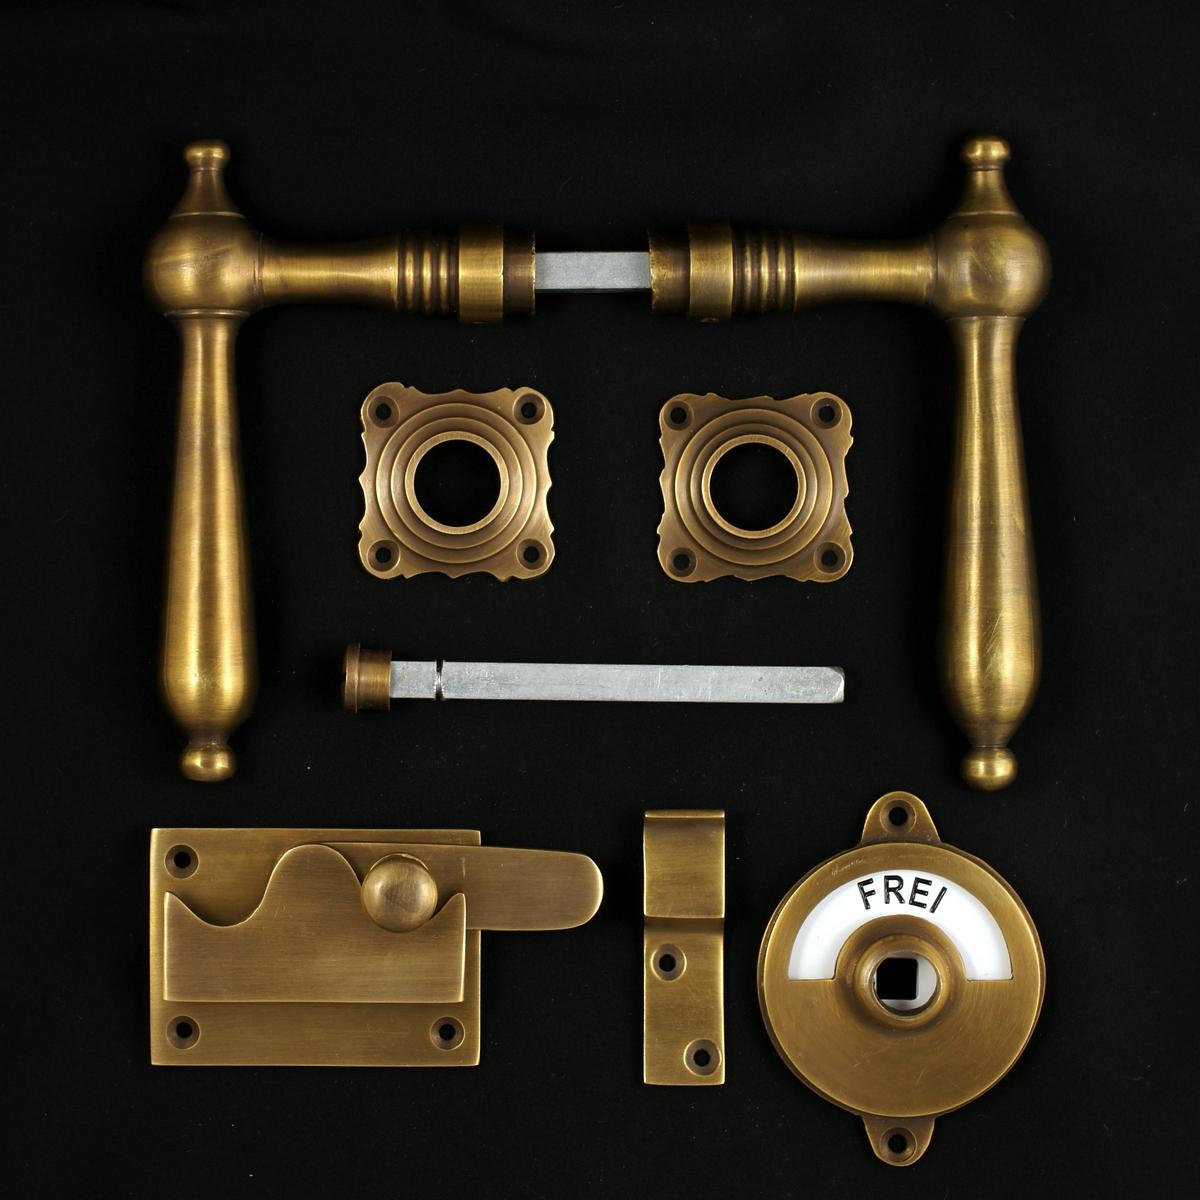 341.0070.45 WC-Zimmertür Rosettengarnitur - antike Türdrücker, Türklinken, Türbeschläge